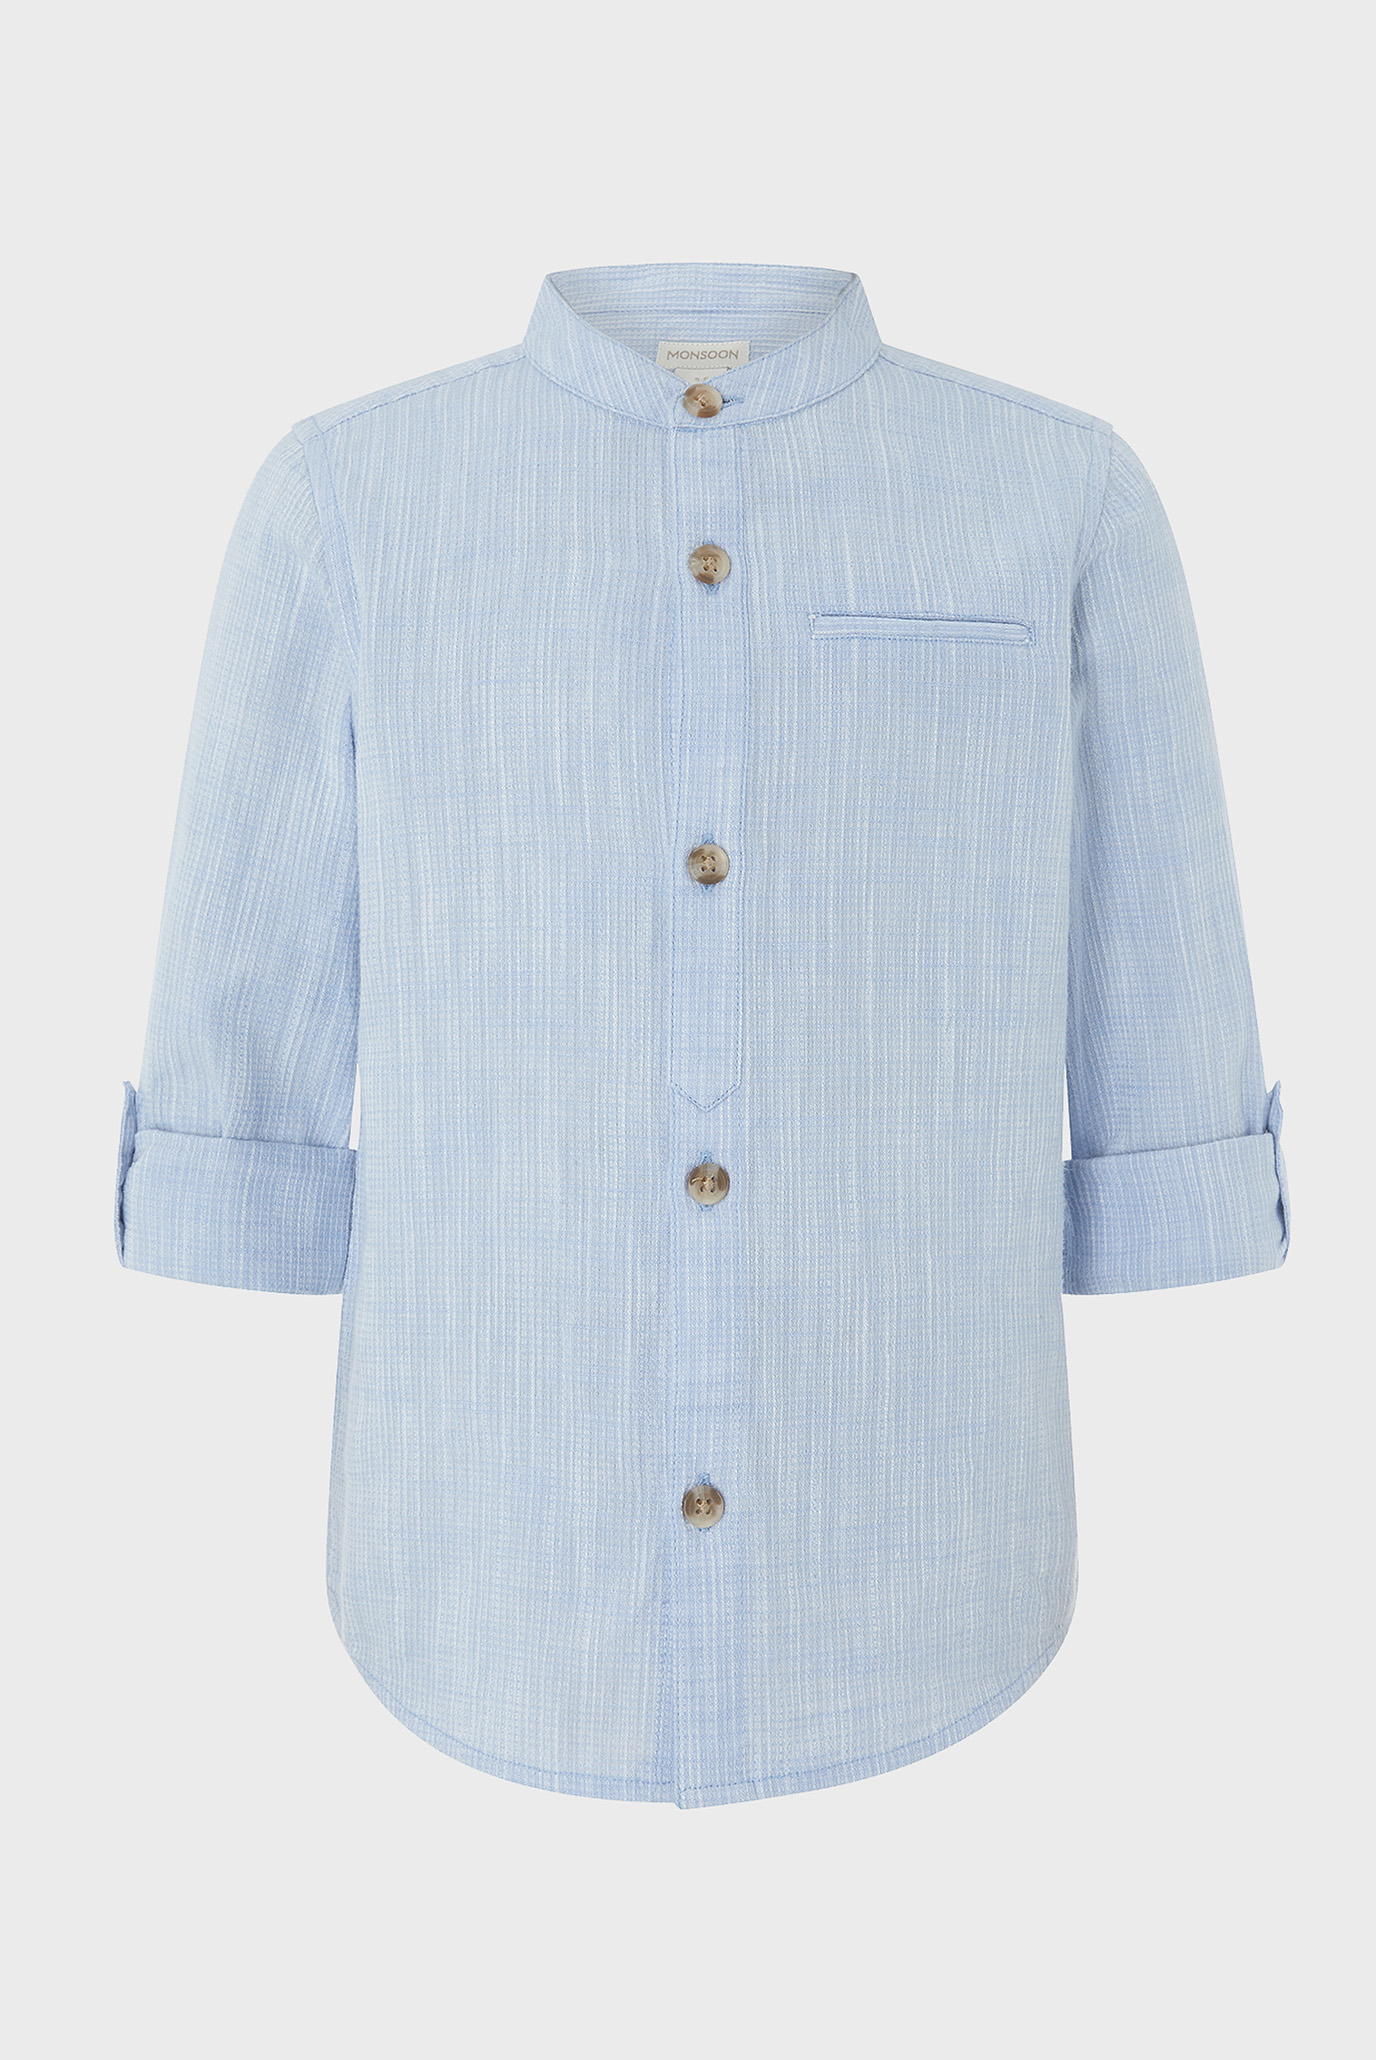 Купить Детская голубая рубашка Tristan Monsoon Children Monsoon Children 616677 – Киев, Украина. Цены в интернет магазине MD Fashion